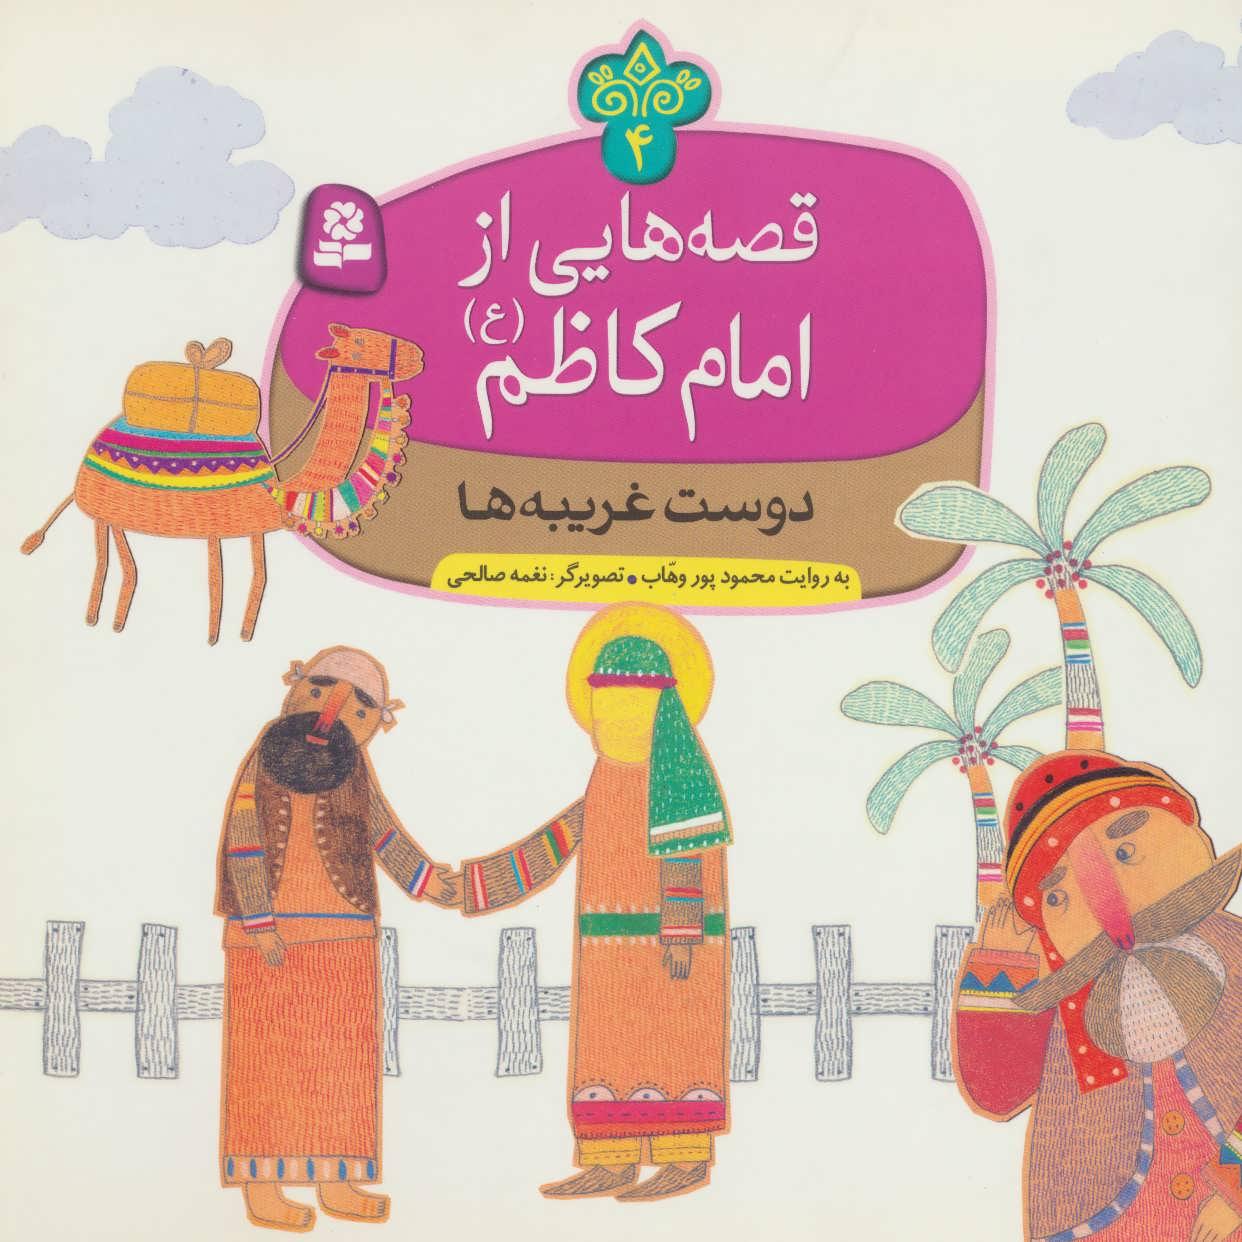 قصه هایی از امام کاظم (ع) 4 (دوست غریبه ها)،(گلاسه)